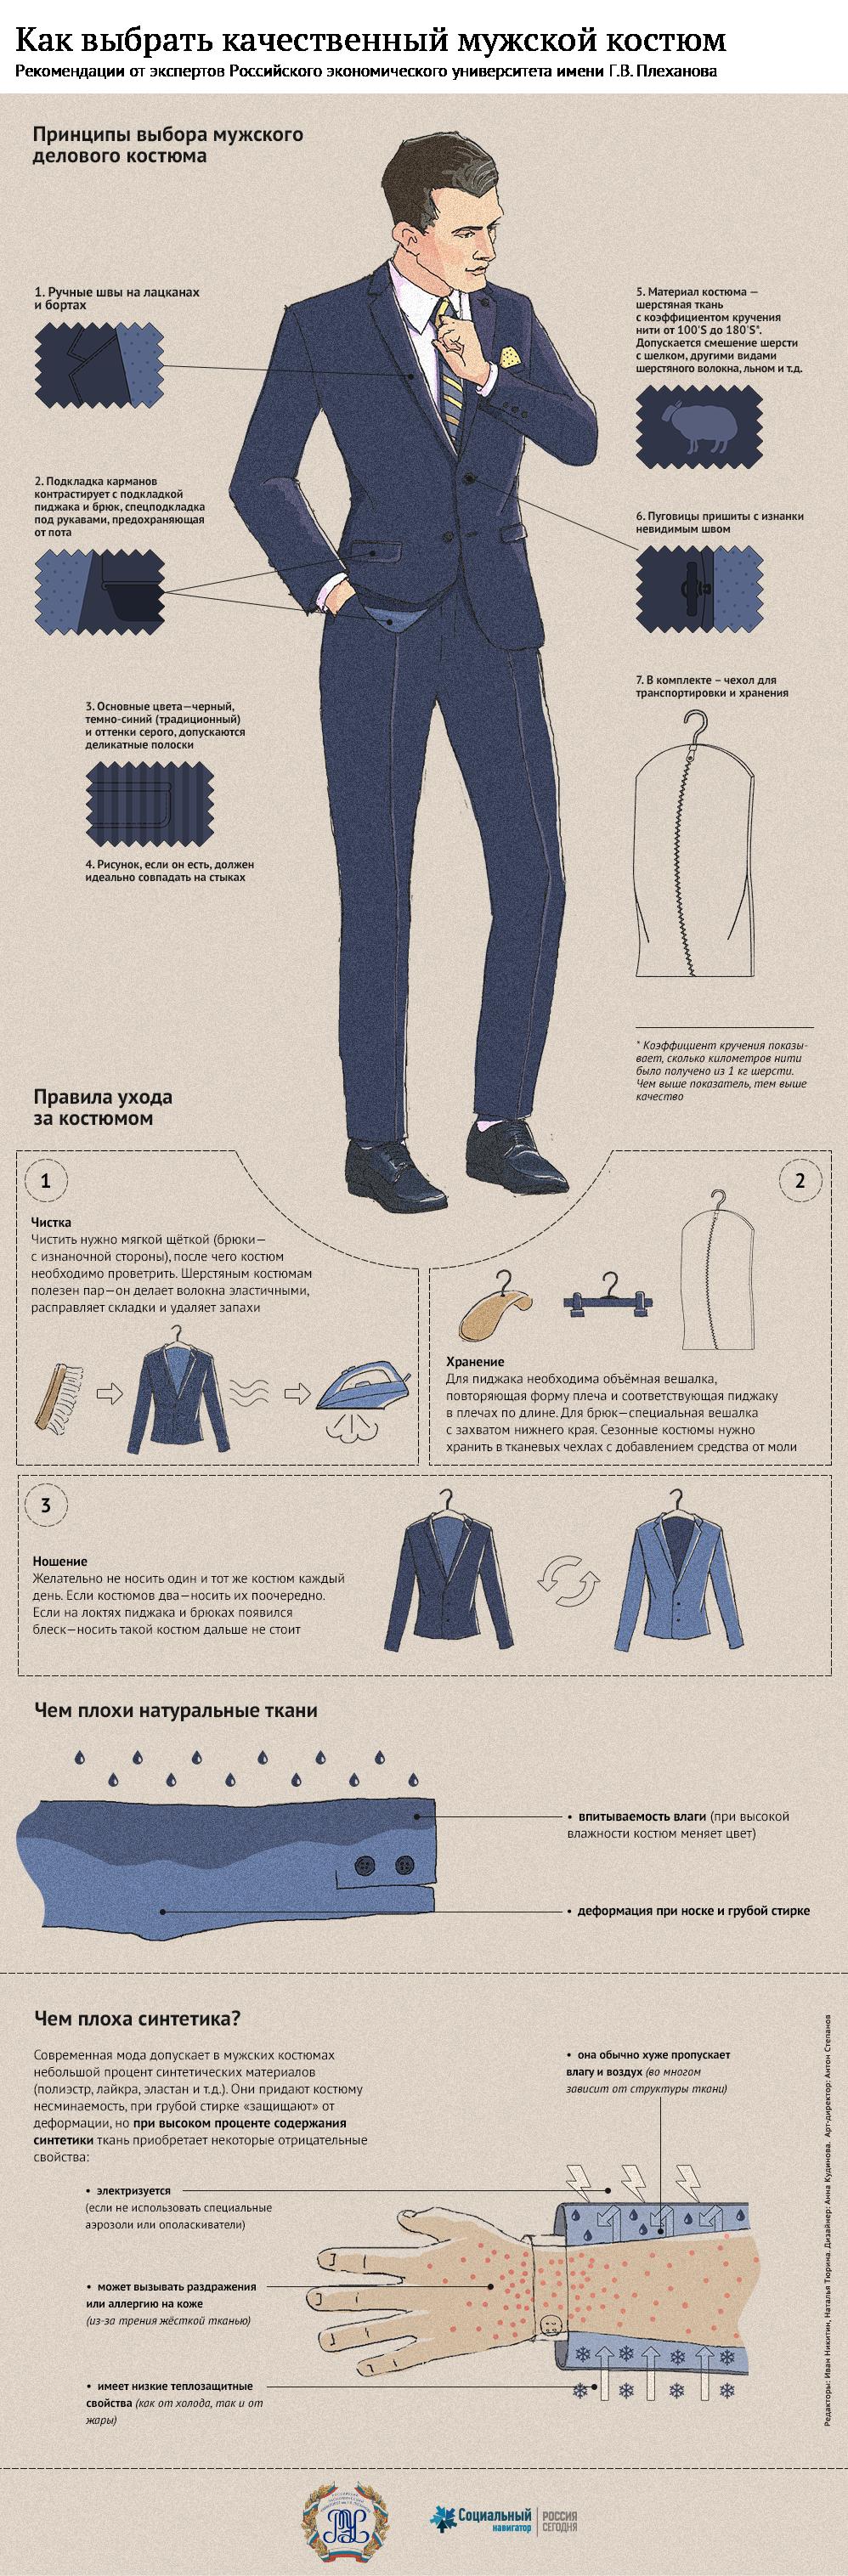 Инфографика: Как правильно выбрать мужской деловой костюм